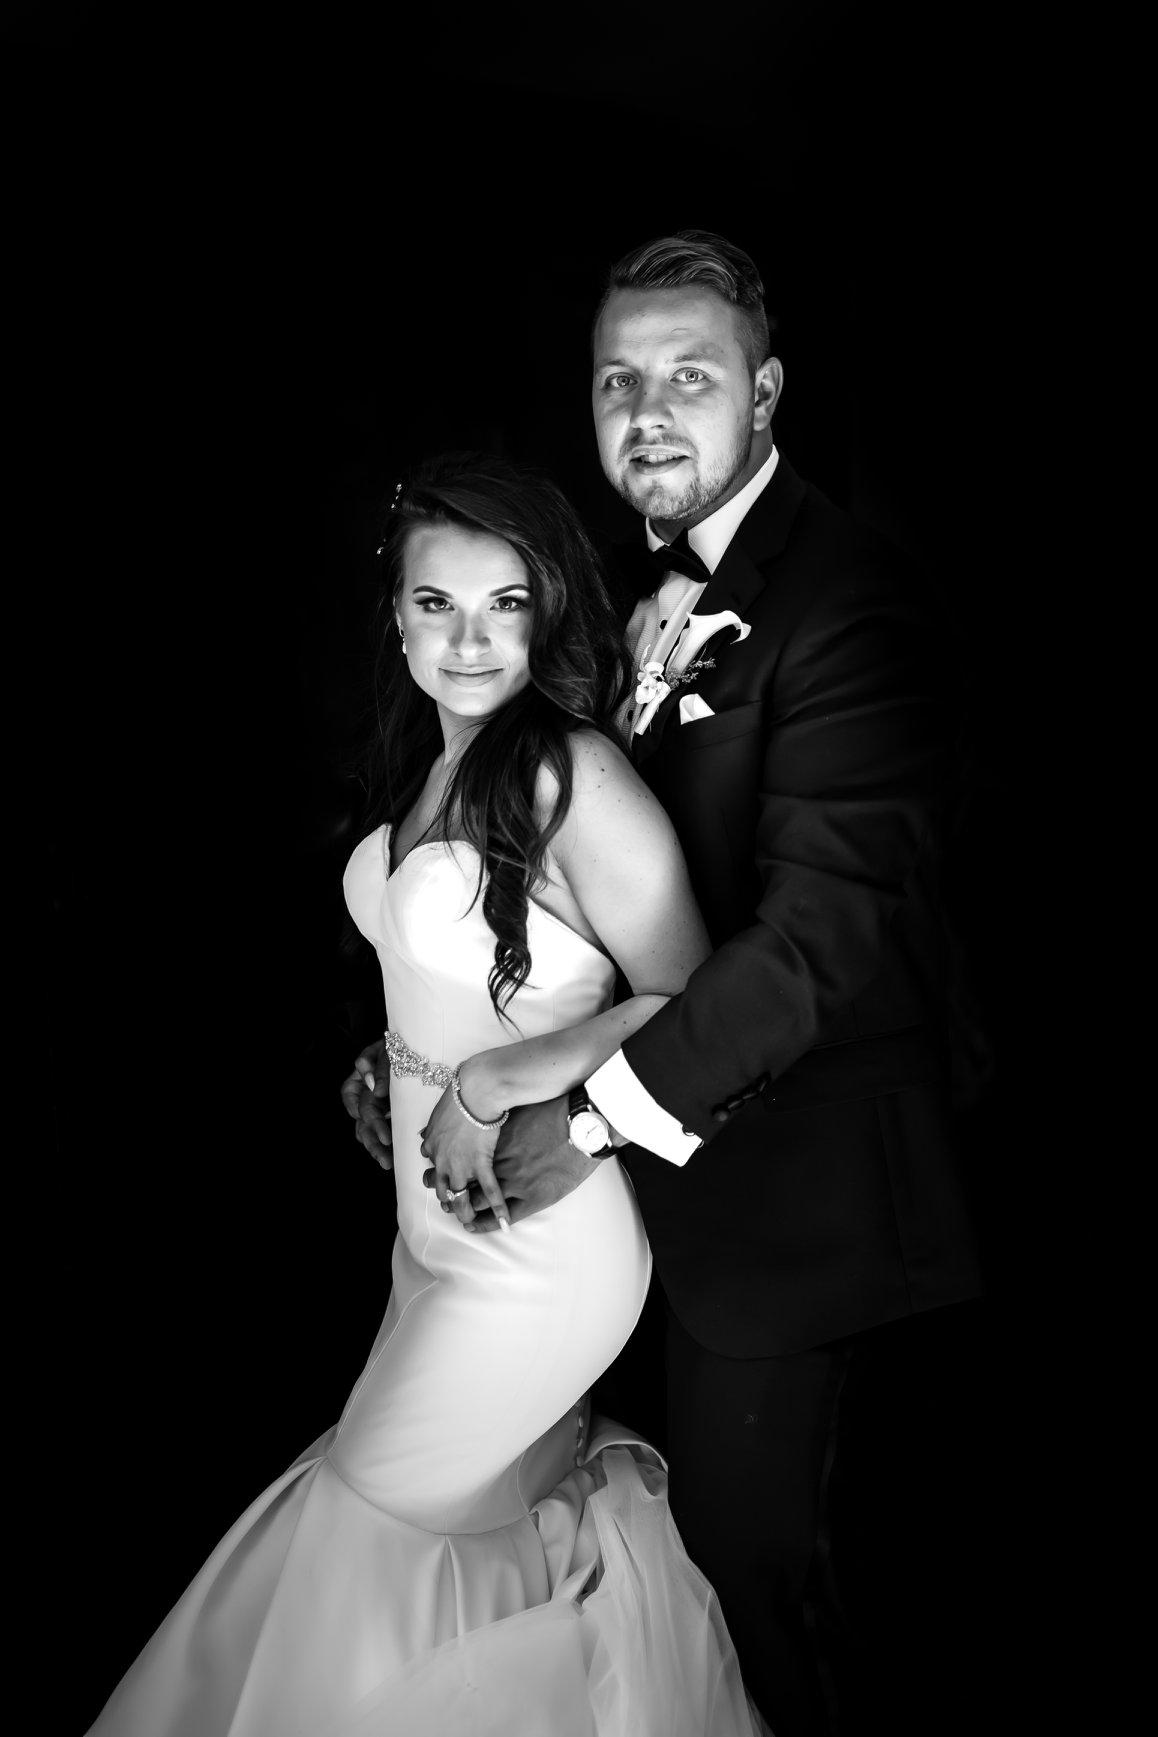 zajac photography wedding 26